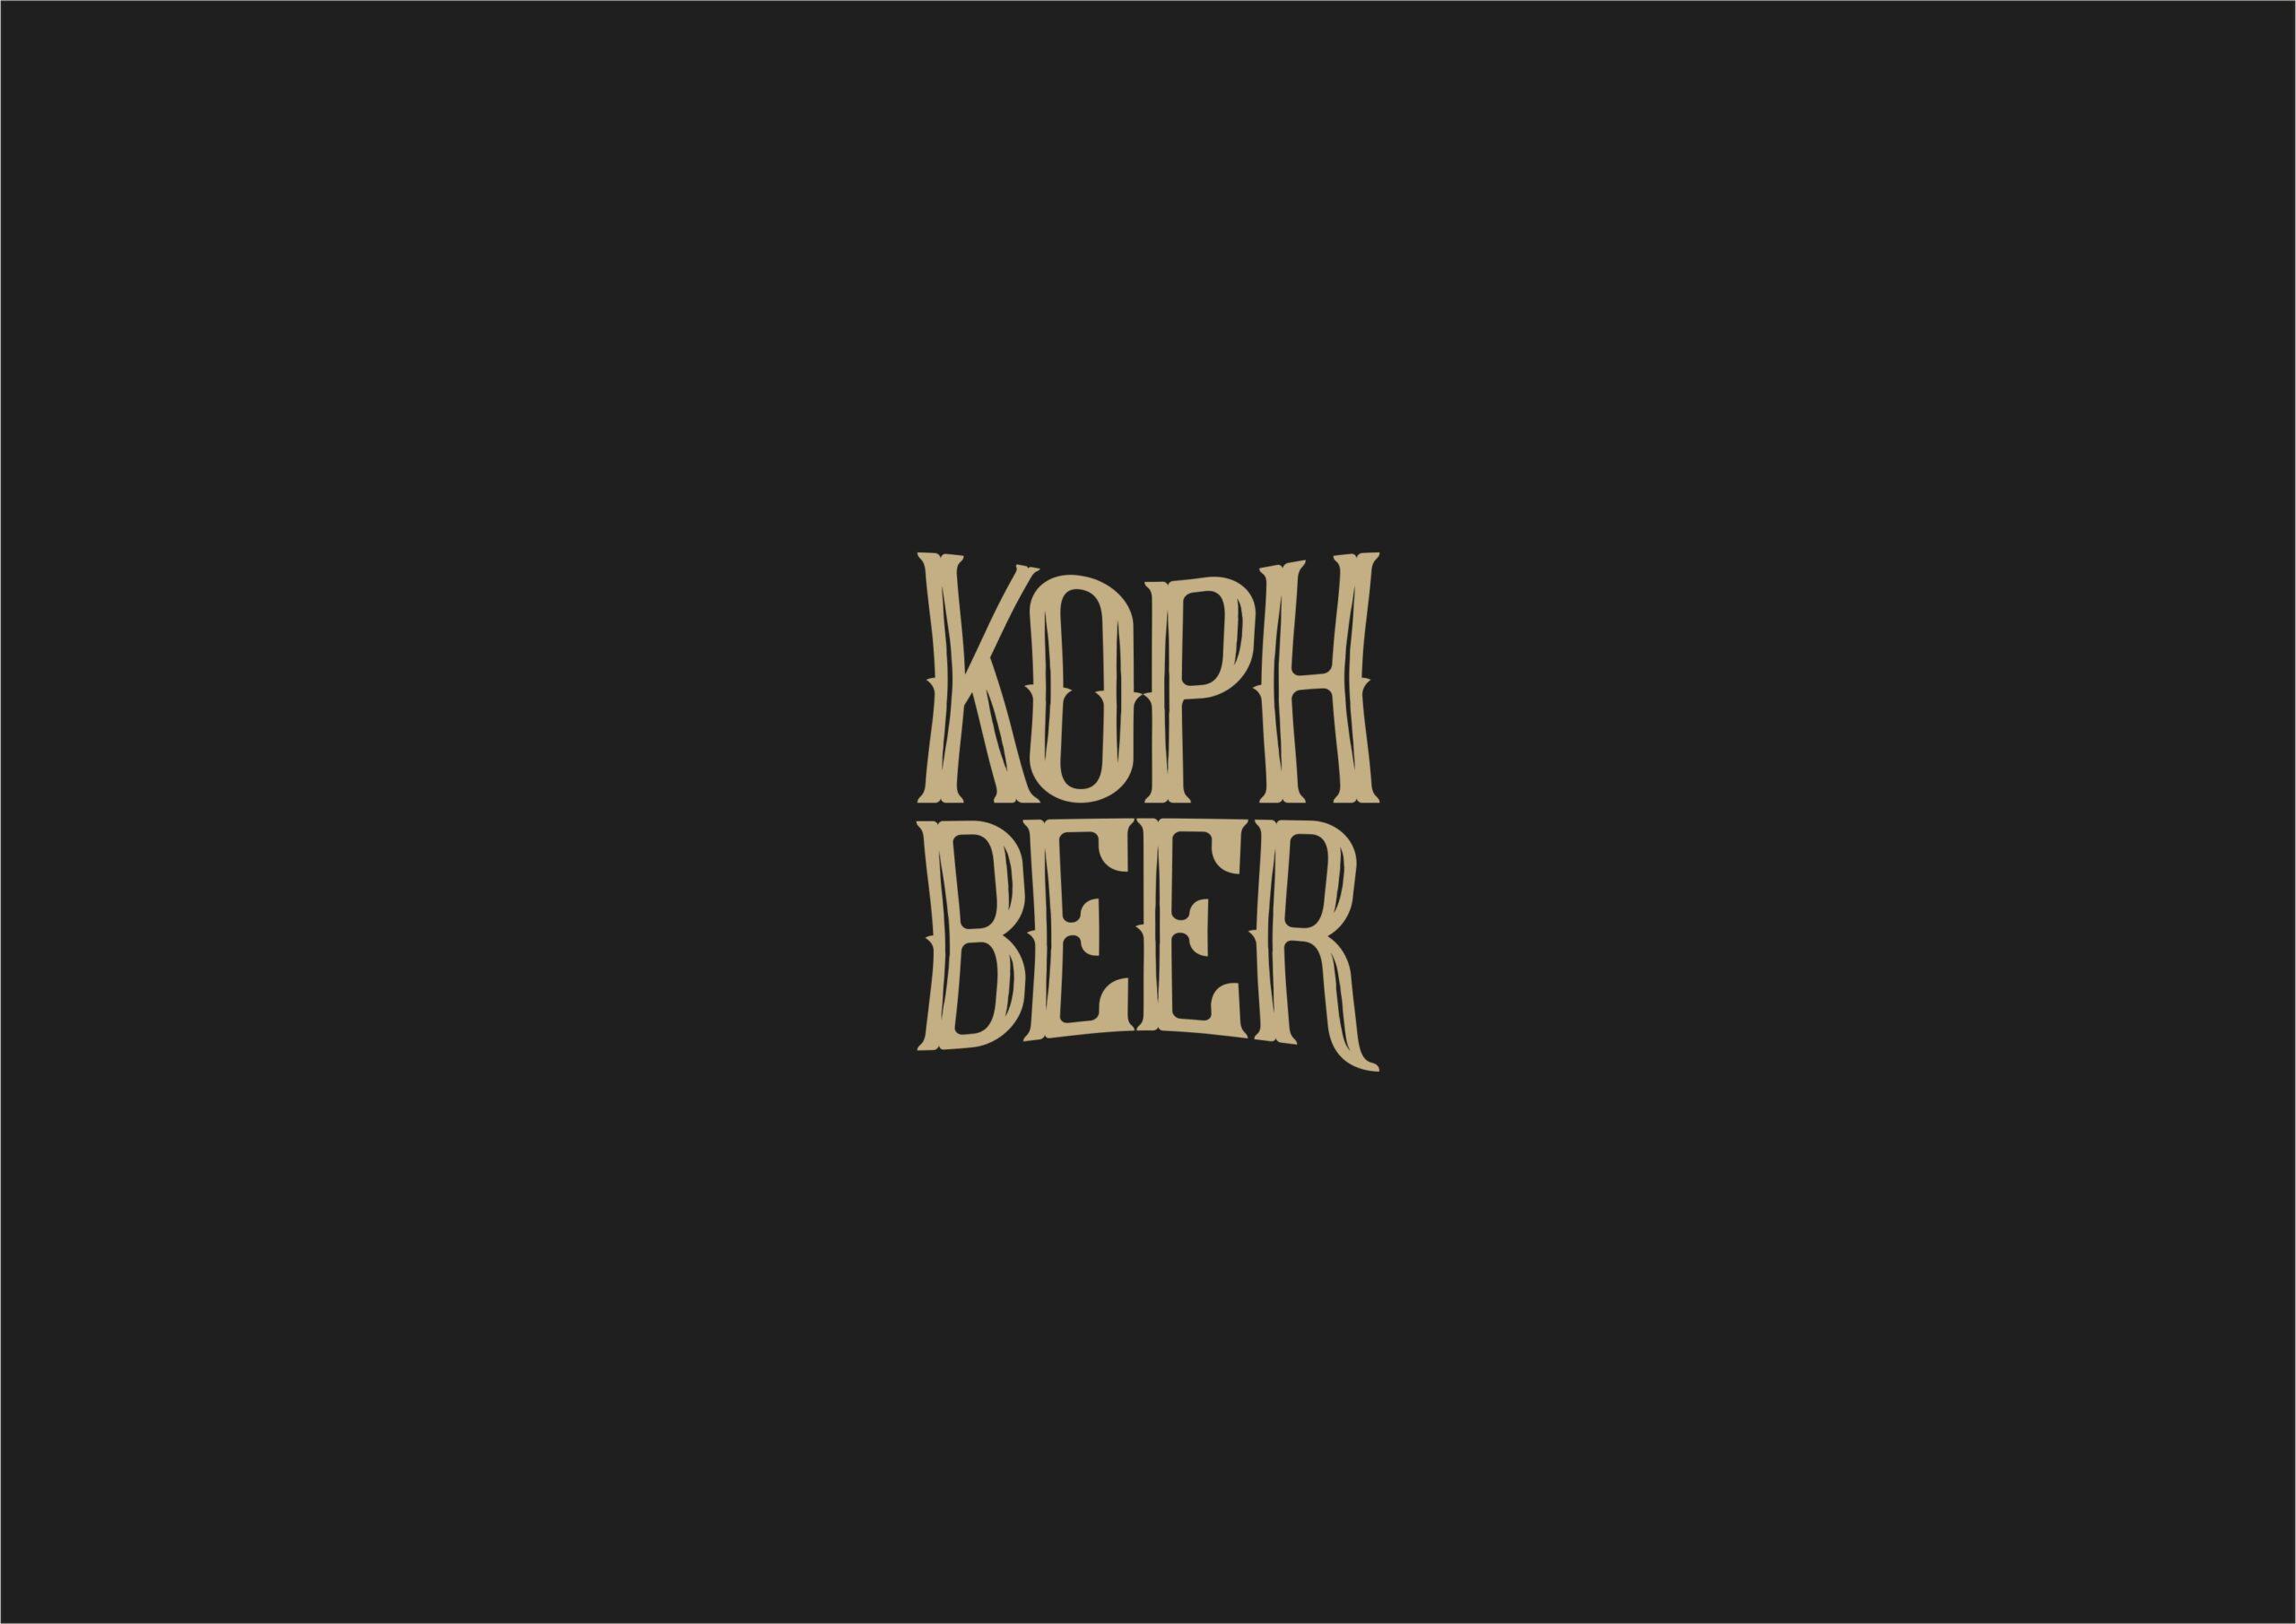 KOPH BEERrR